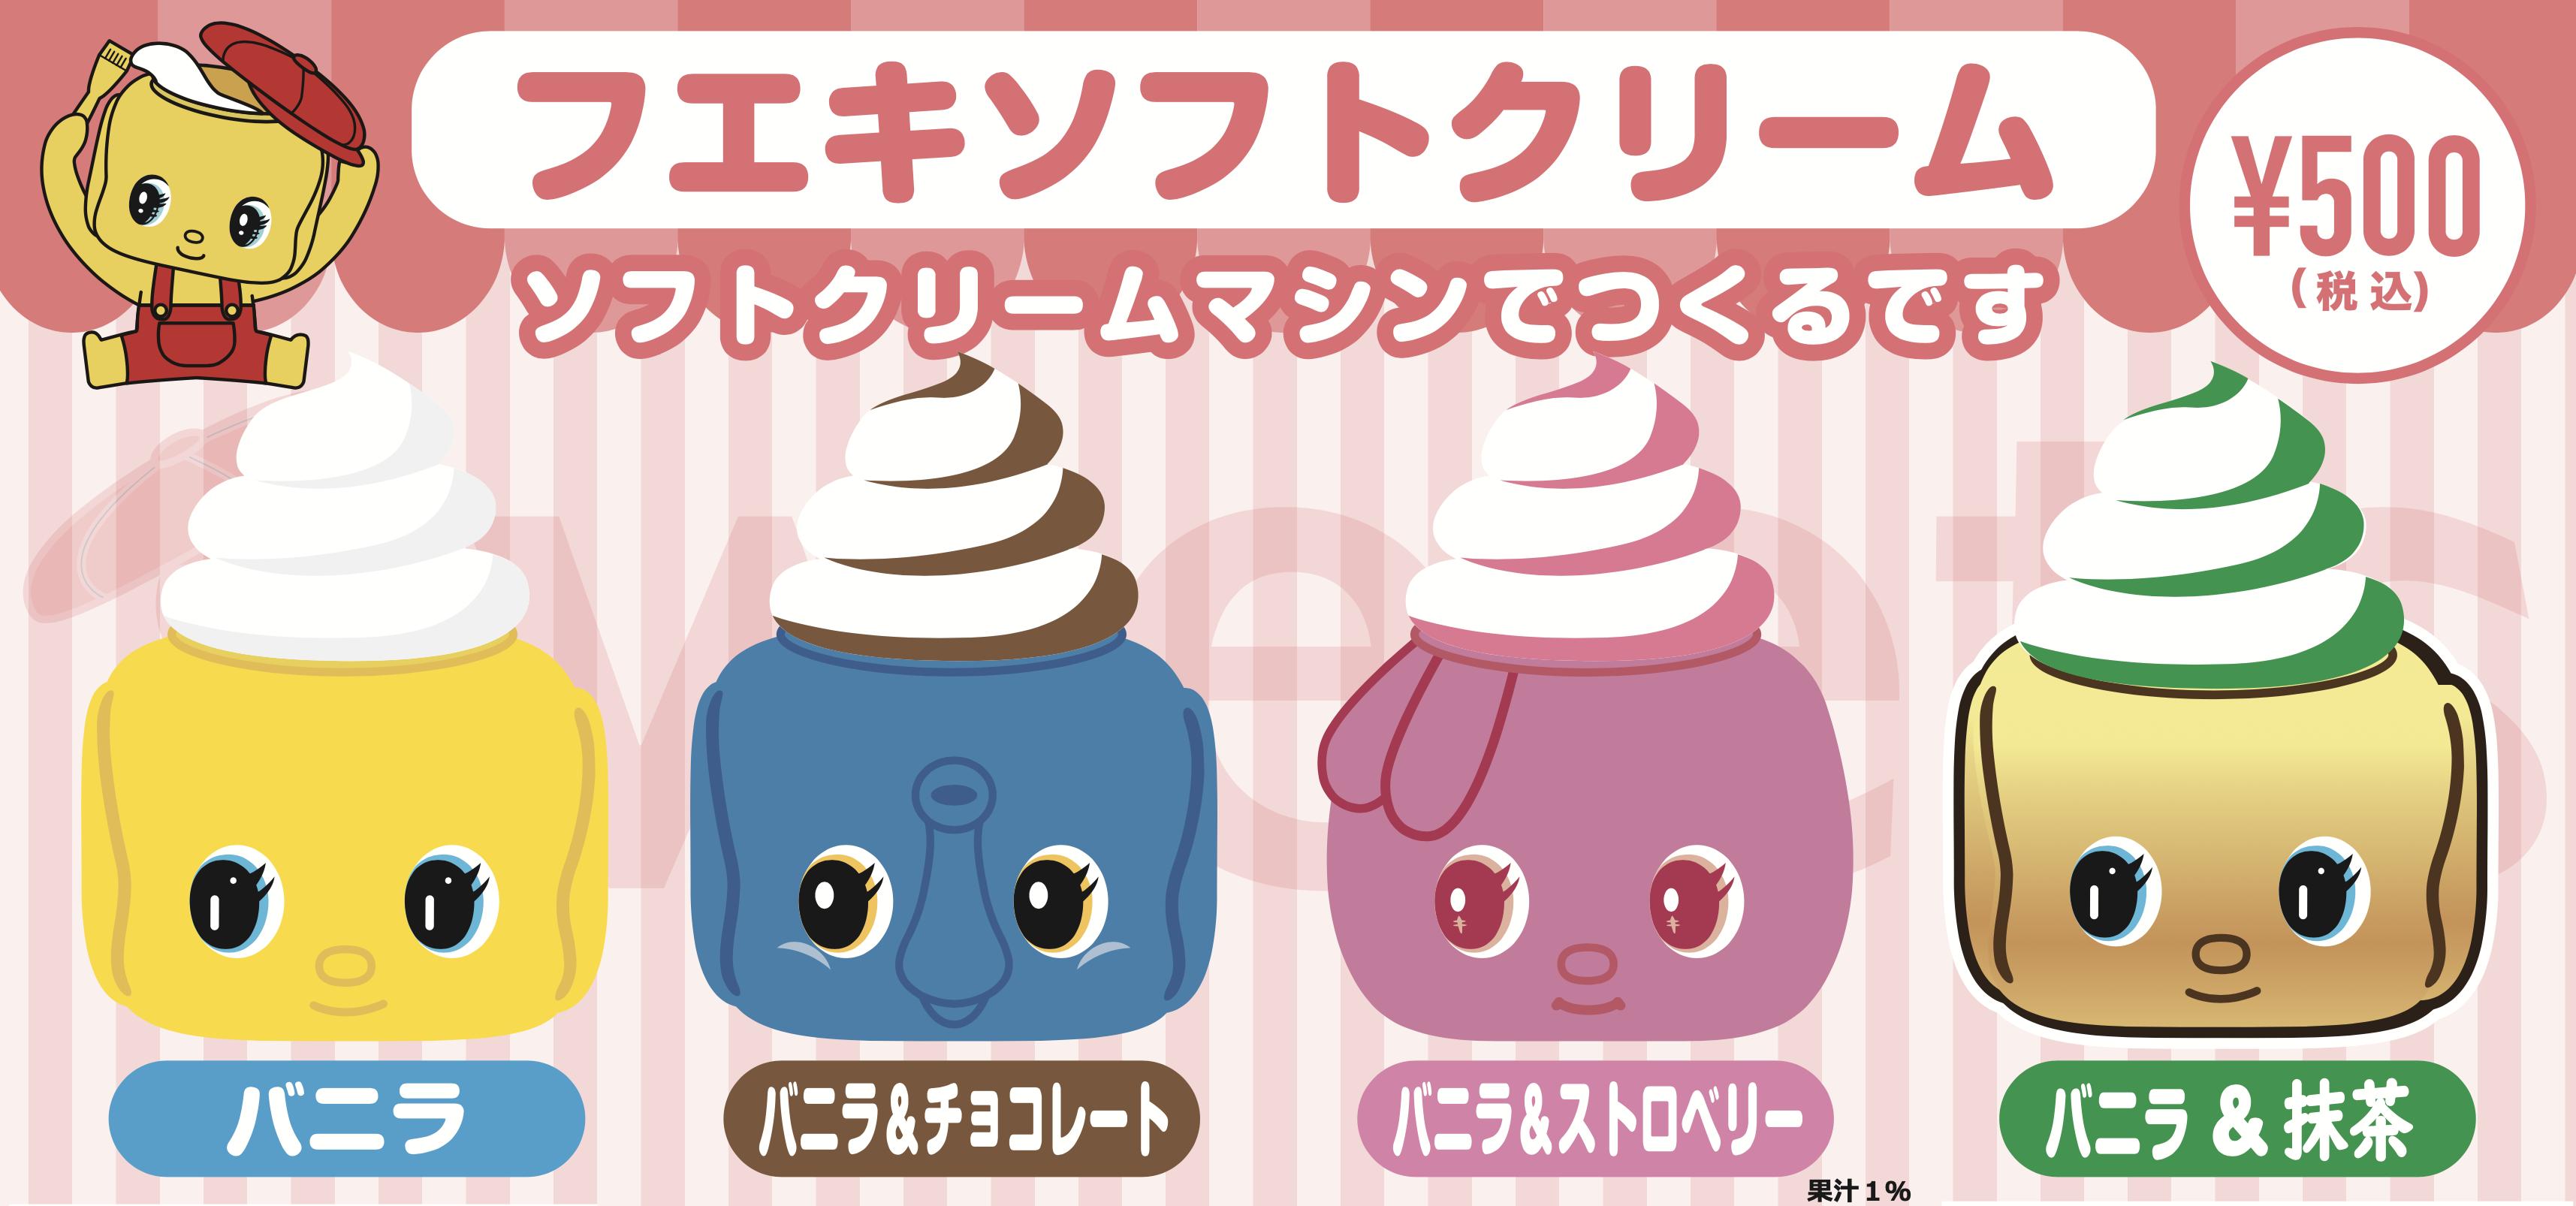 「フエキソフトクリーム」イメージ